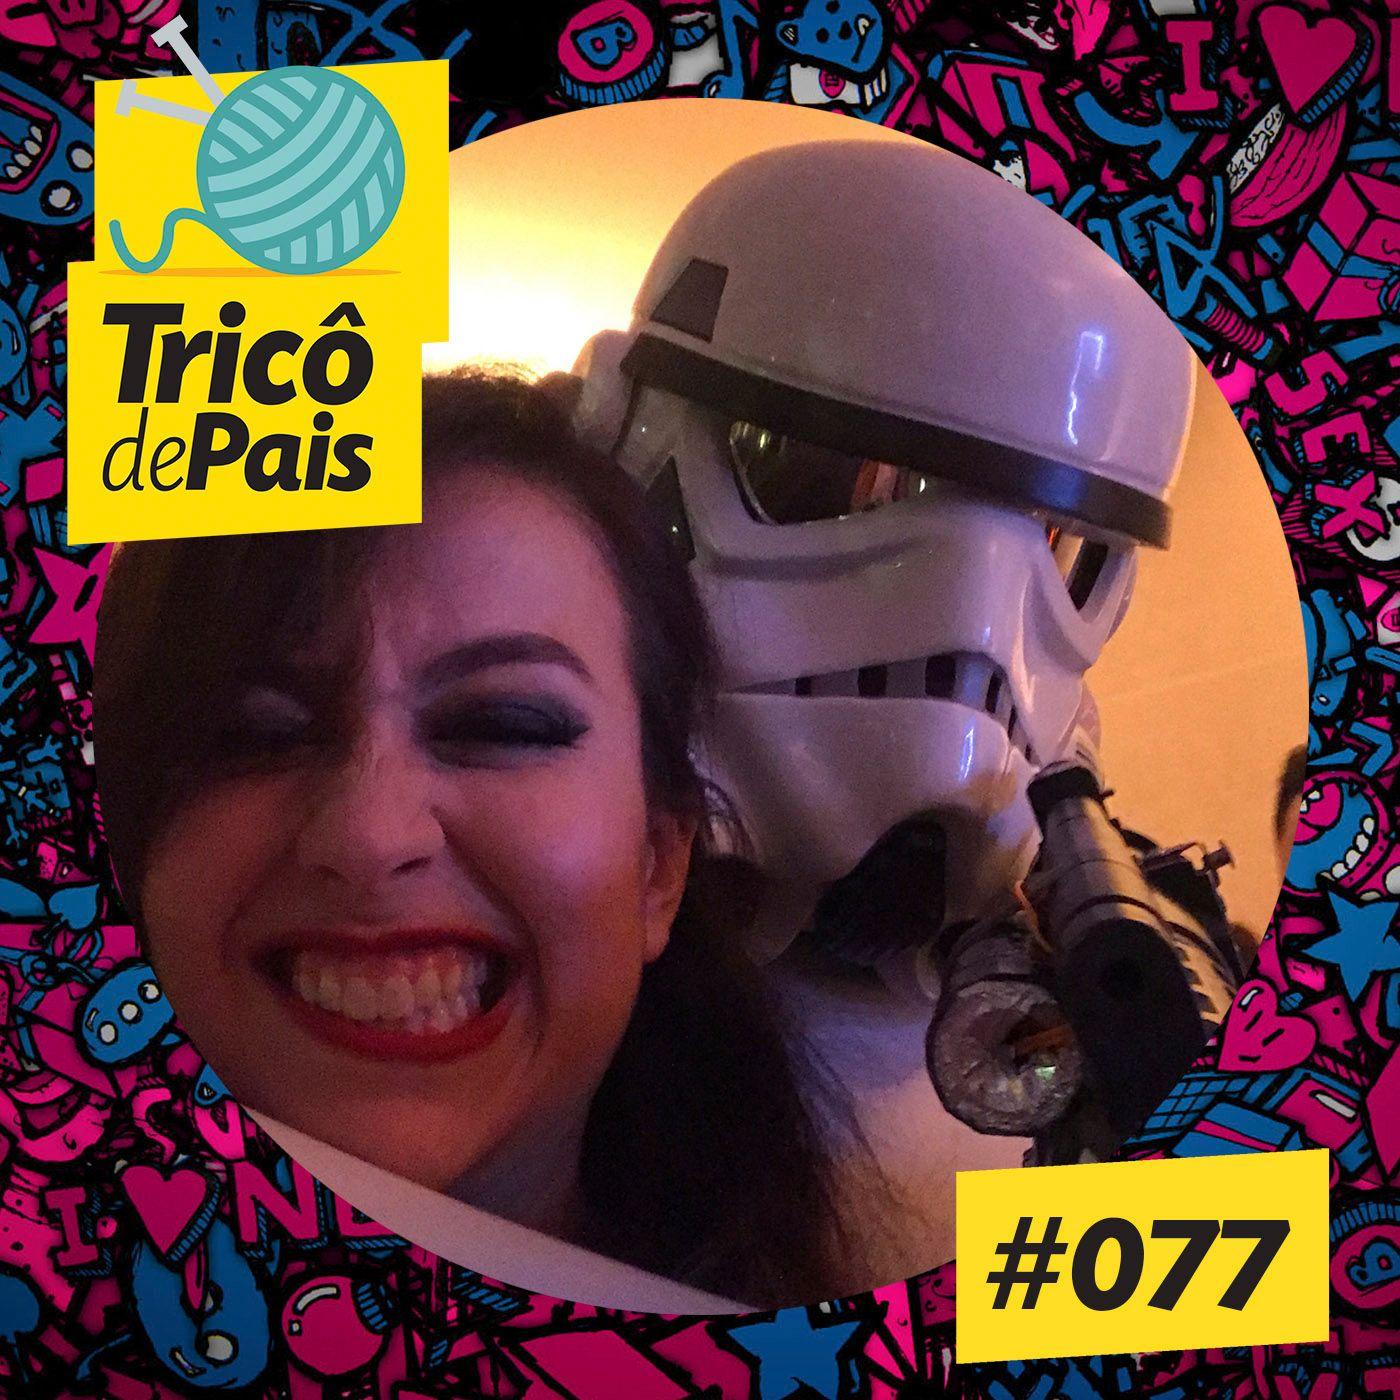 #077 - Machismo na Cultura Pop e Gamer feat. Beatriz Fiorotto